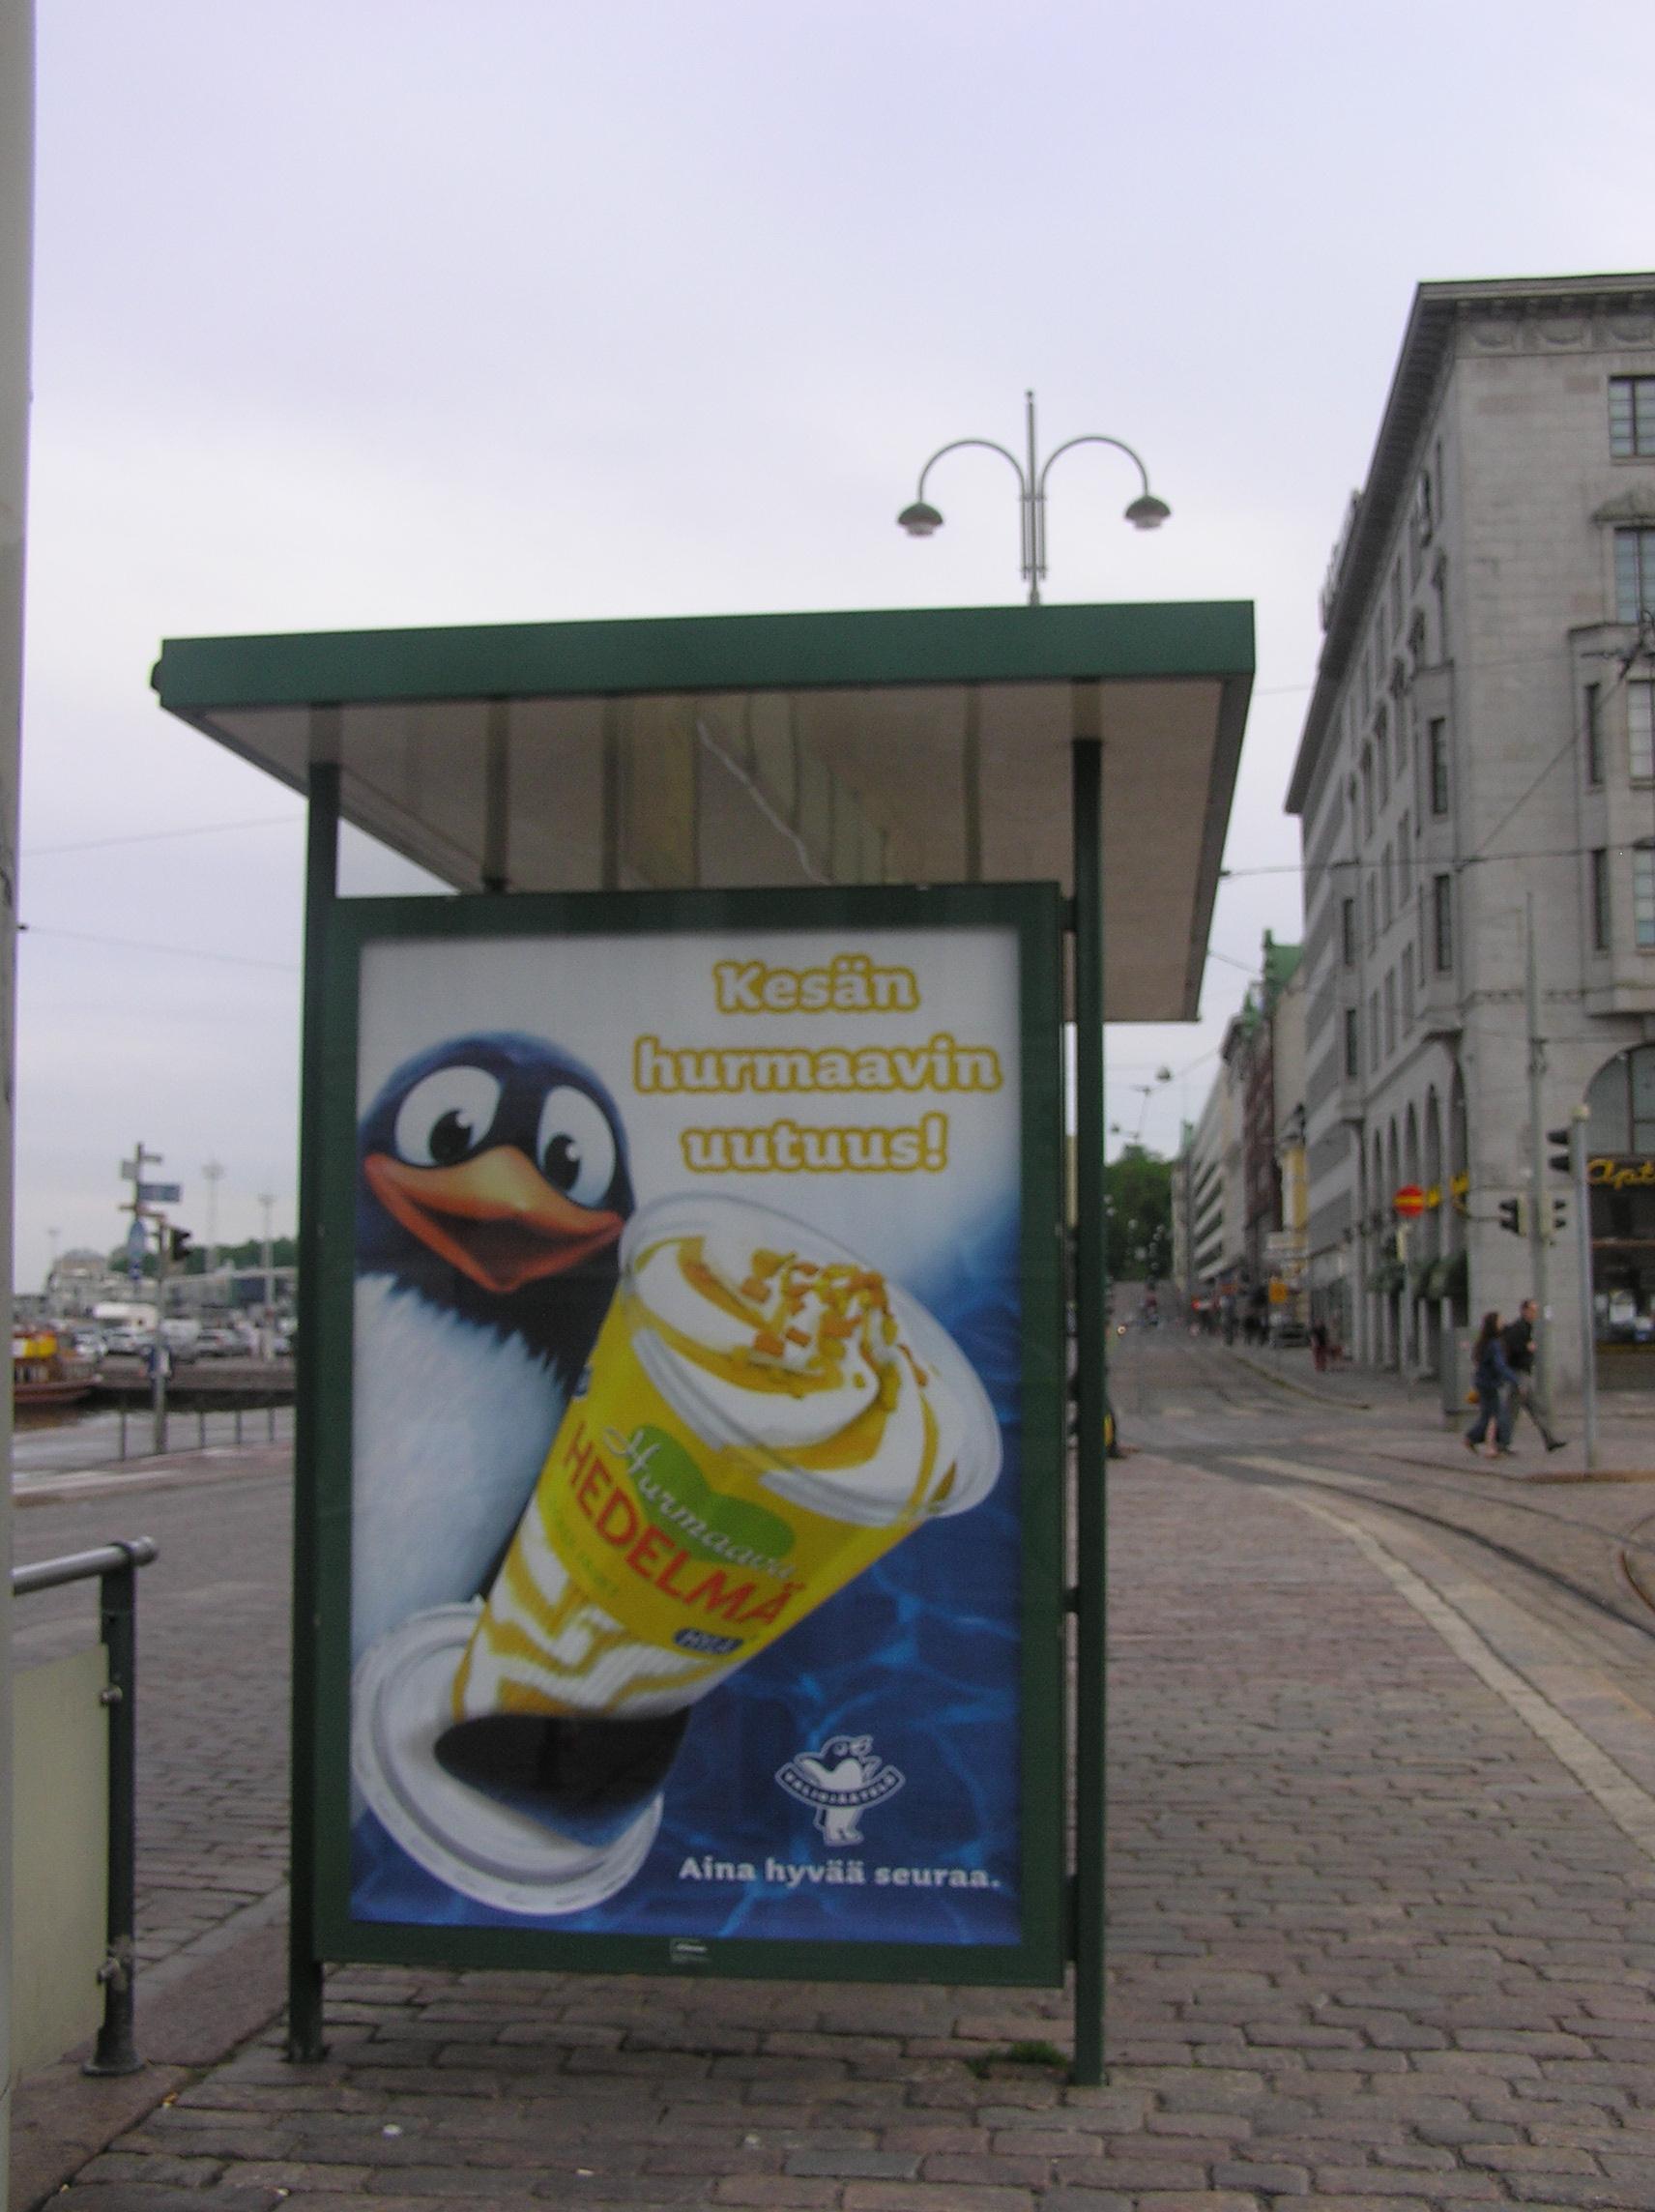 Linuxの以前からあると思われるペンギンアイス。フレーバーも豊富。スーパーにもありますし、街頭のアイスクリーム屋さんではすくって売ってくれます。